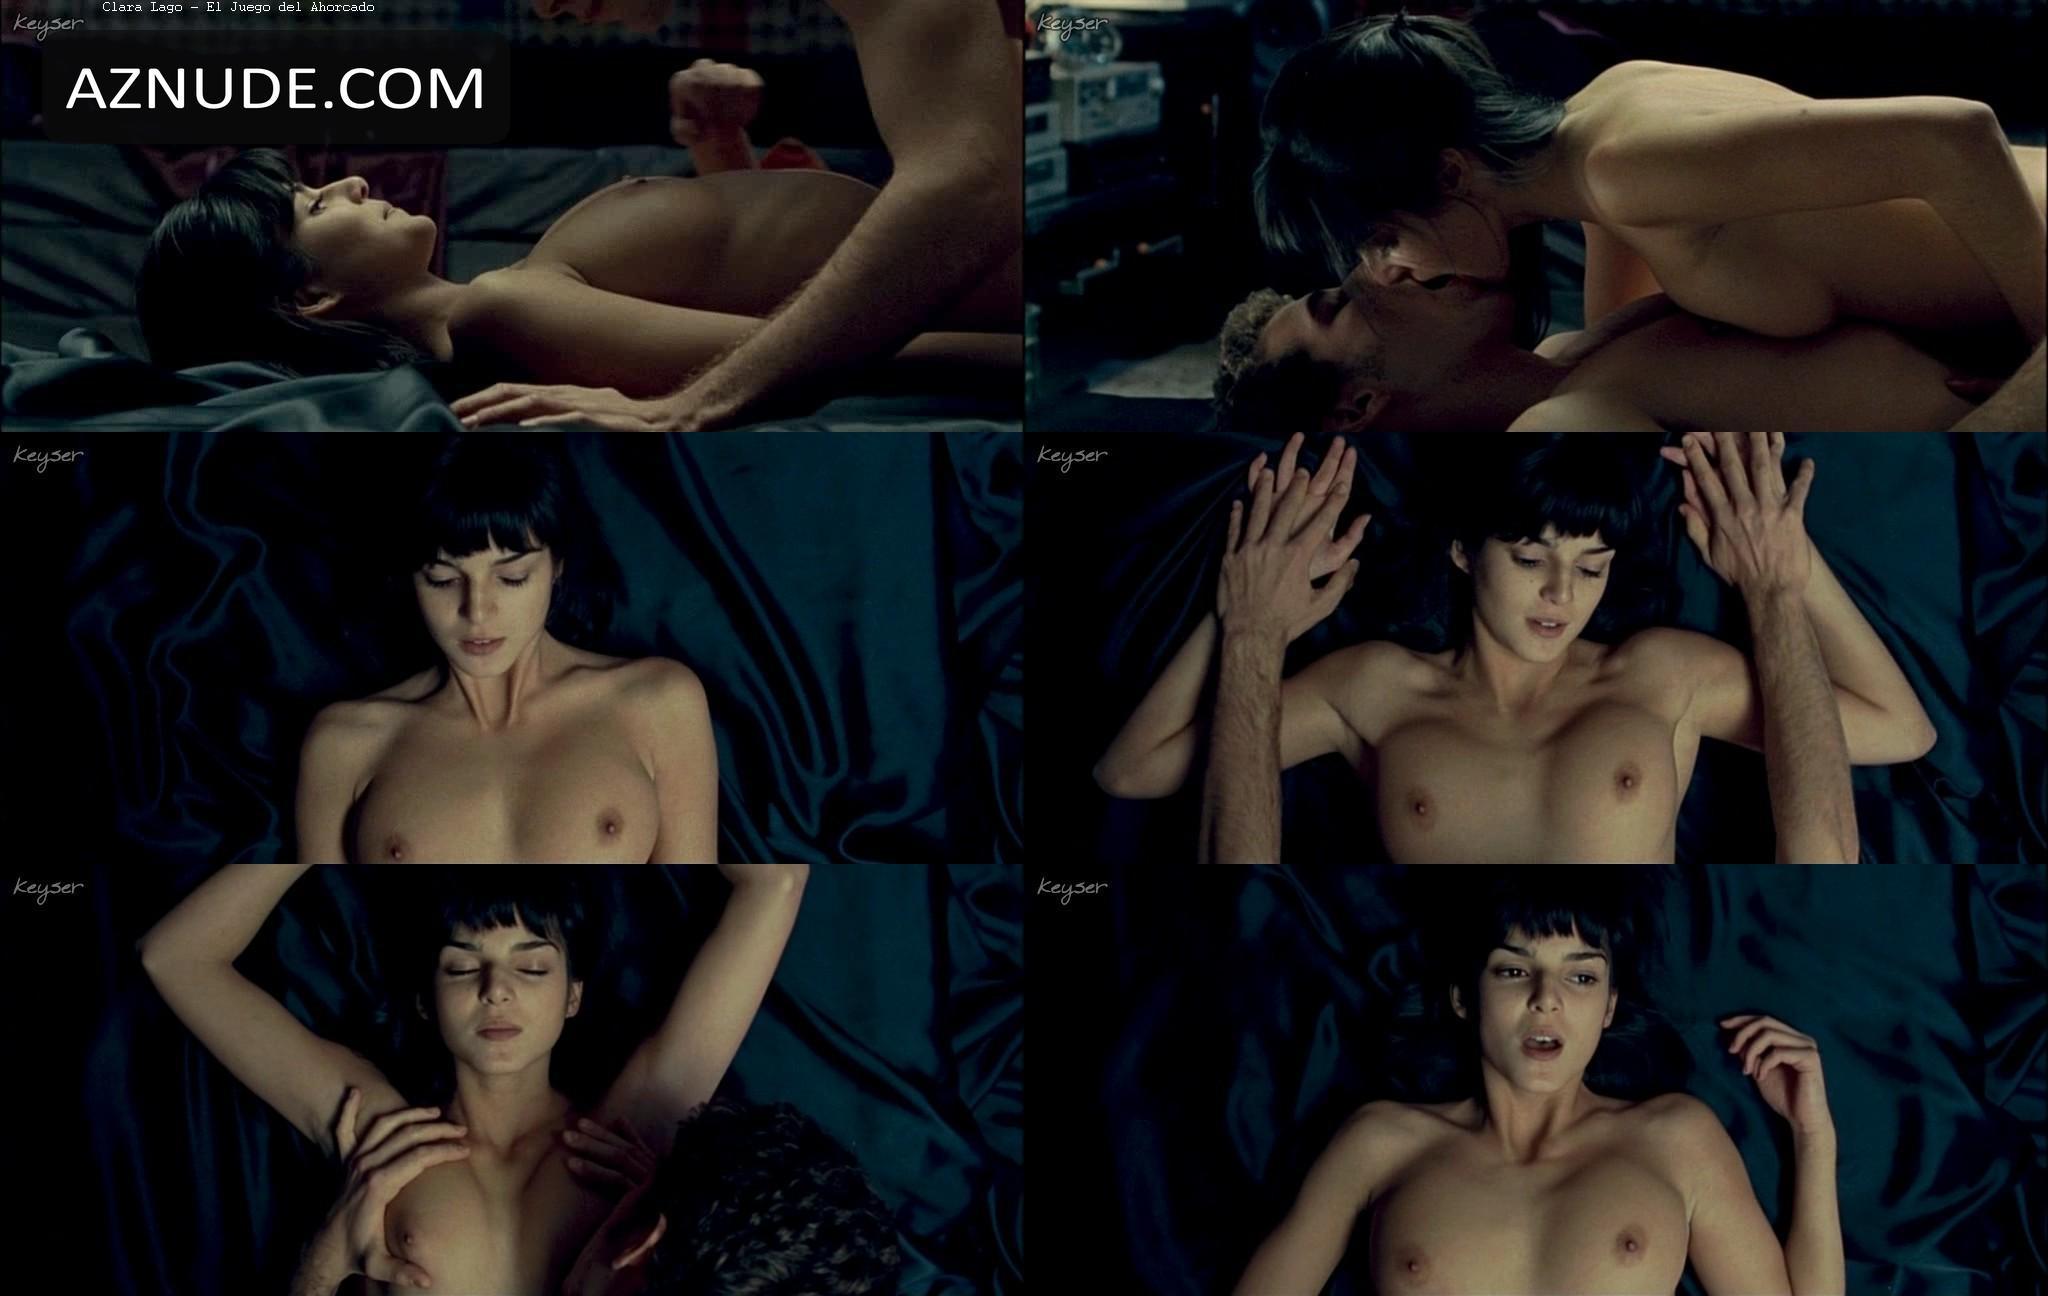 Martina garcia desnuda en perder es cuestion de metodo - 3 part 4